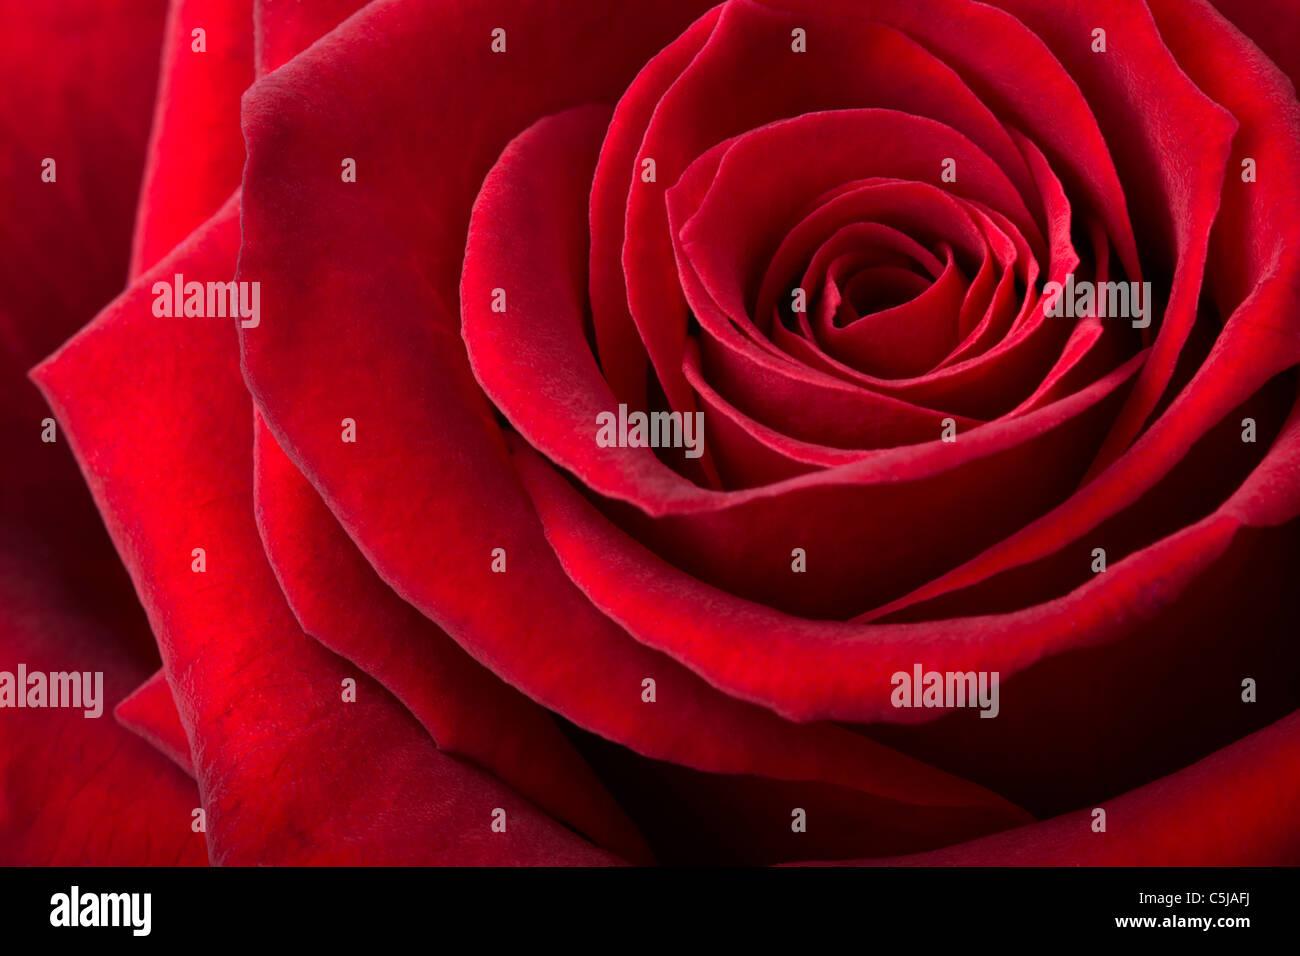 Rosa rossa sullo sfondo Immagini Stock